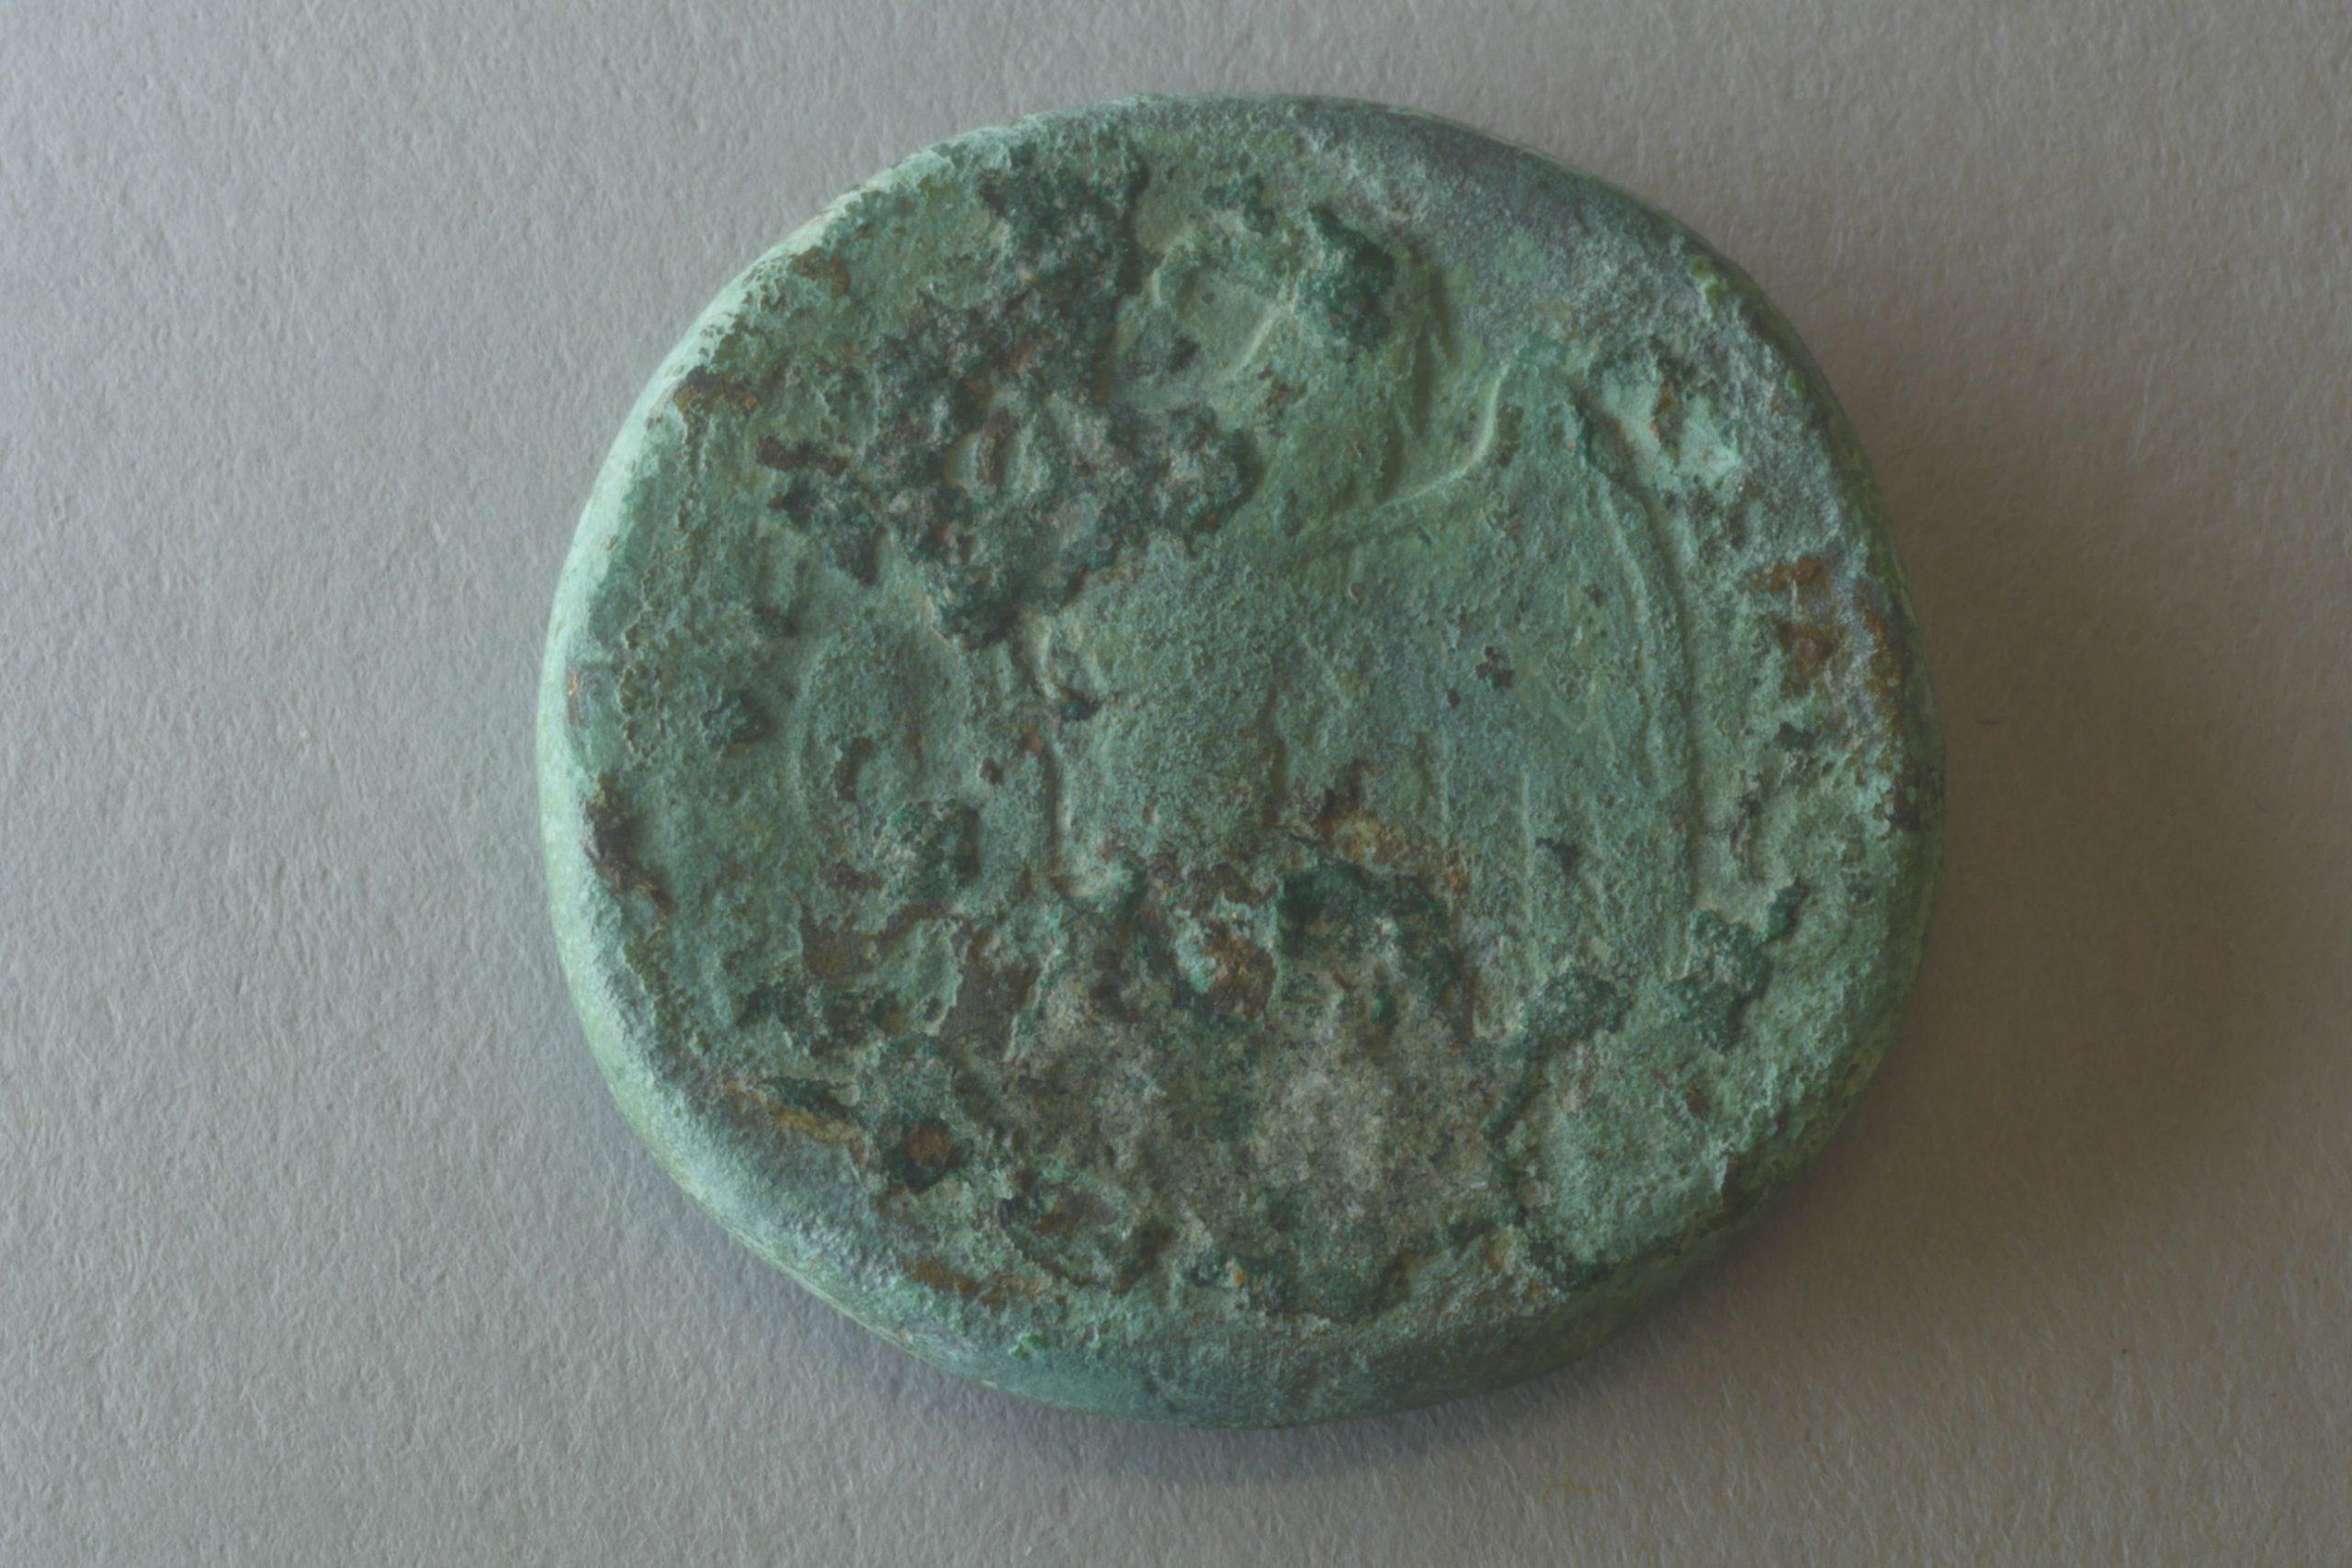 E3 1. Ptolemaic coin